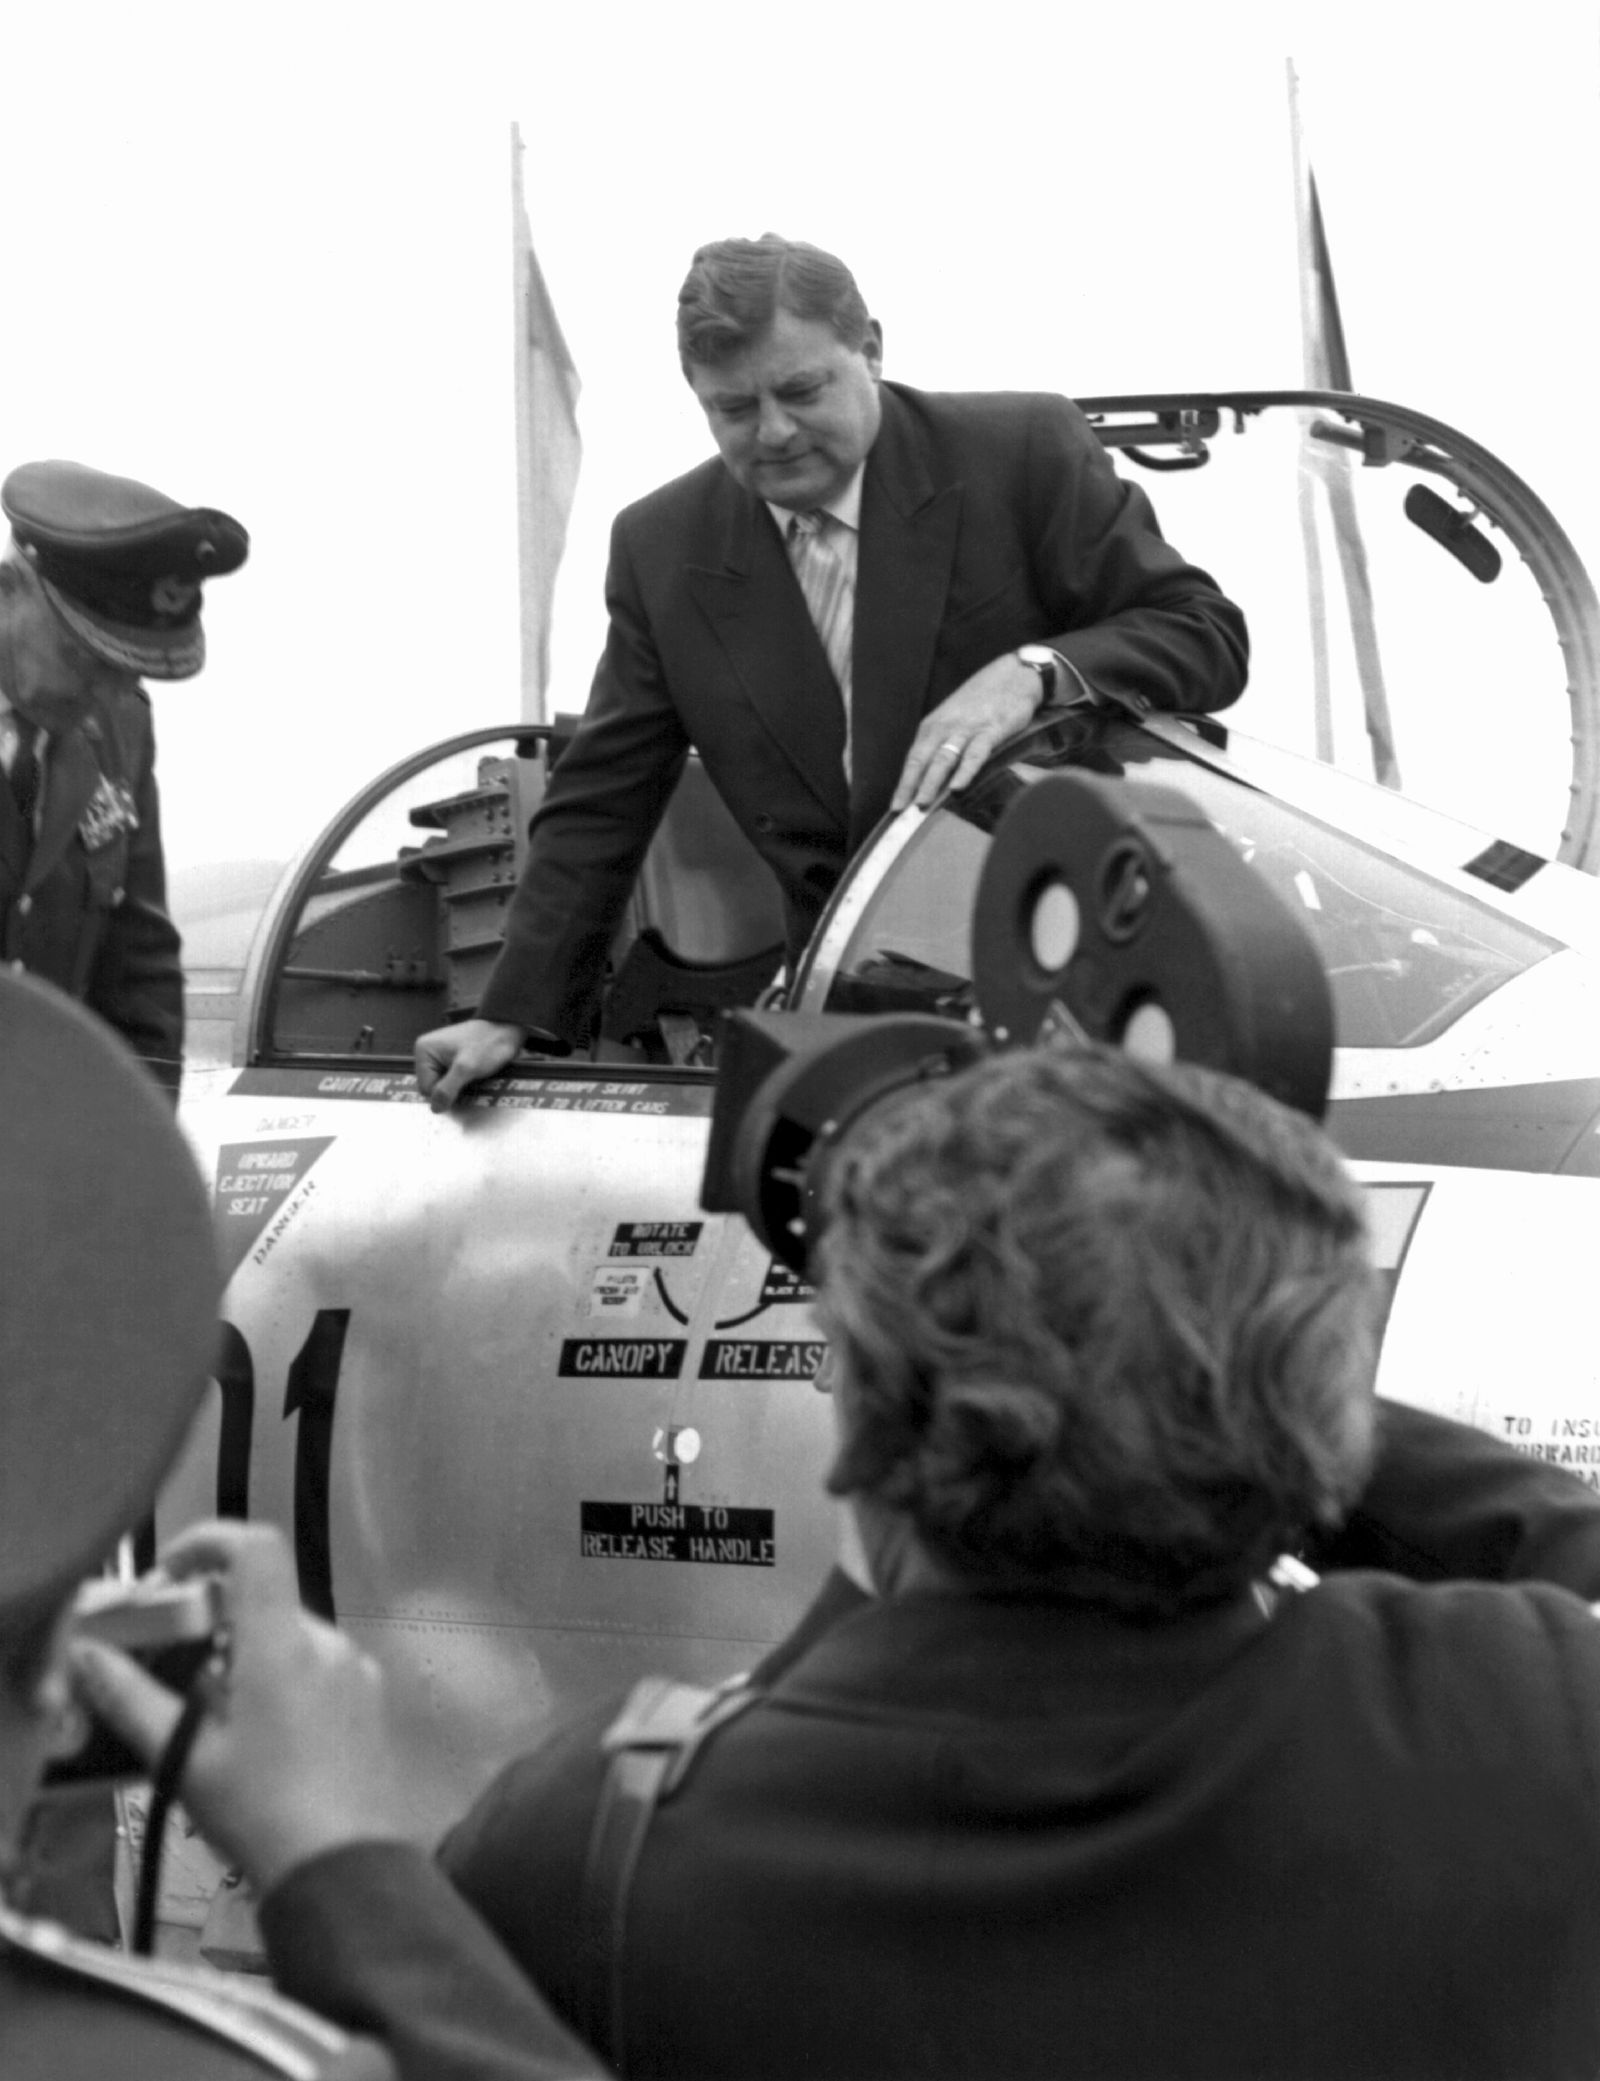 Politskandale der Bundesrepublik - Starfighter-Affäre